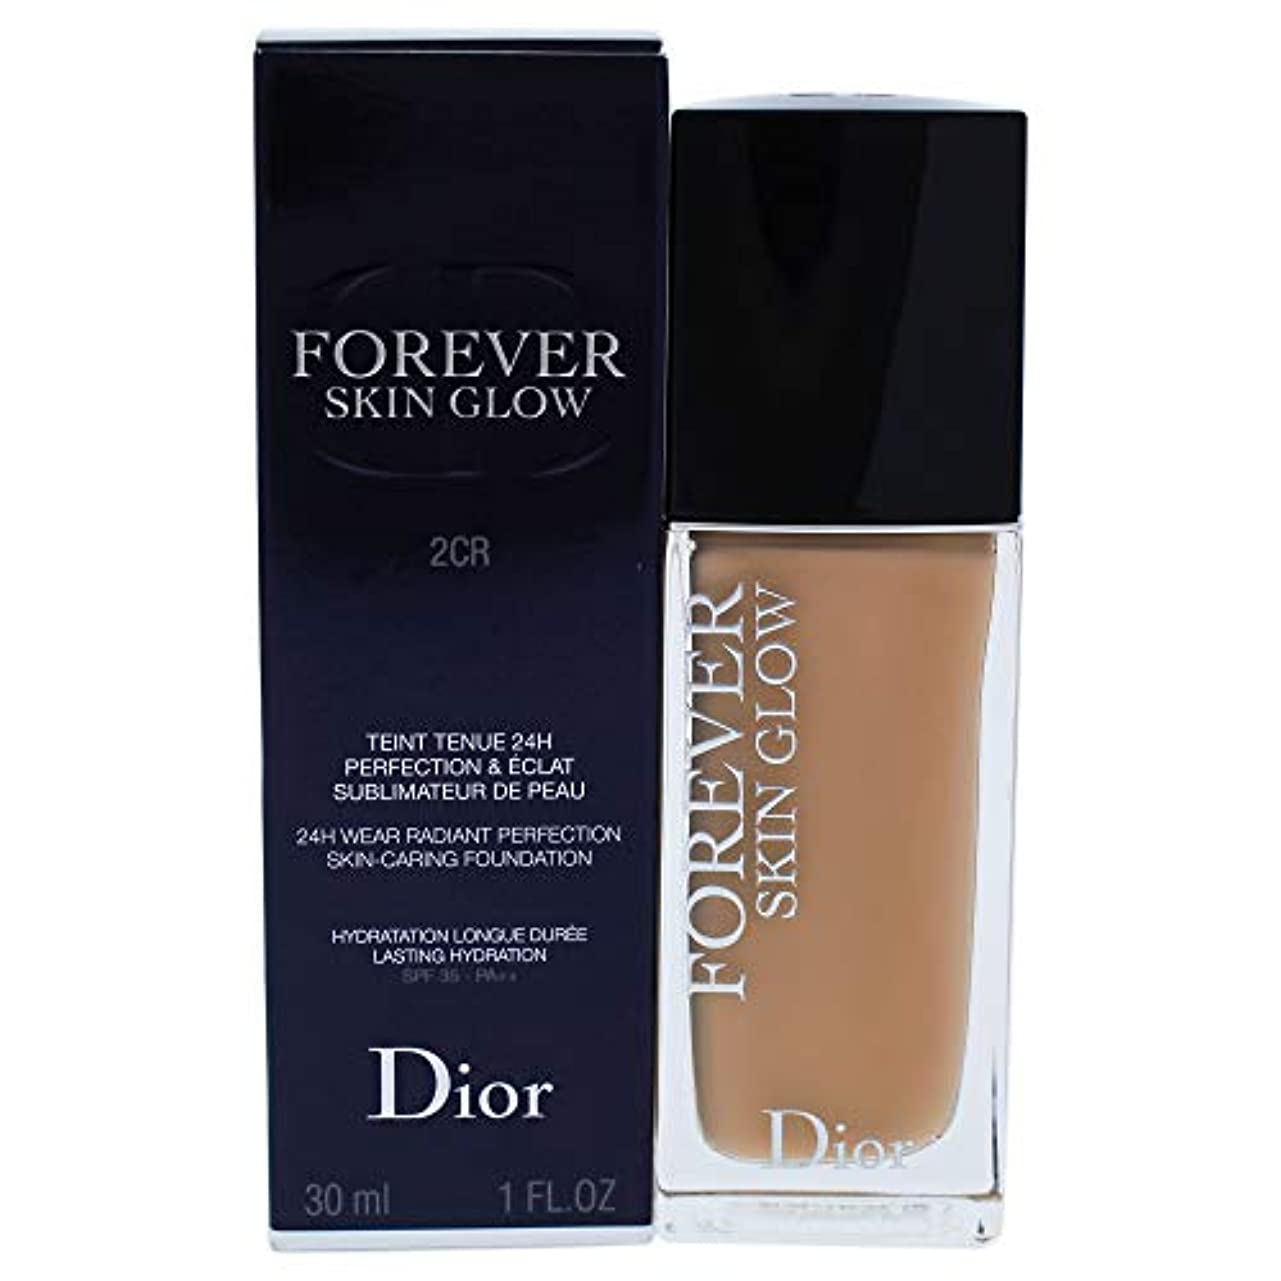 起きて毎年民主党クリスチャンディオール Dior Forever Skin Glow 24H Wear High Perfection Foundation SPF 35 - # 2CR (Cool Rosy) 30ml/1oz並行輸入品